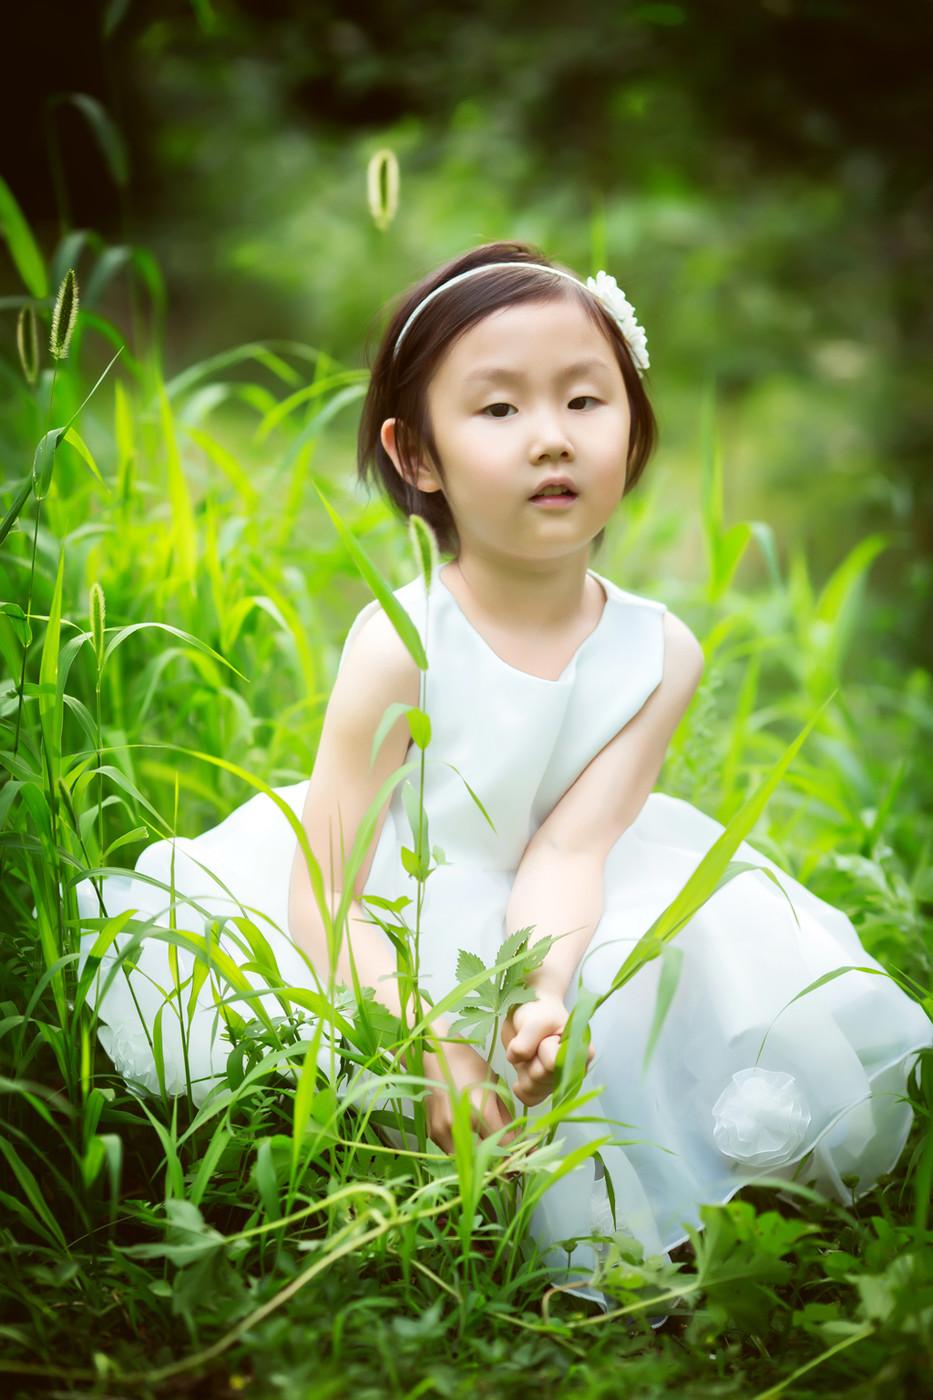 盛夏时节-带孩子们拍起来8